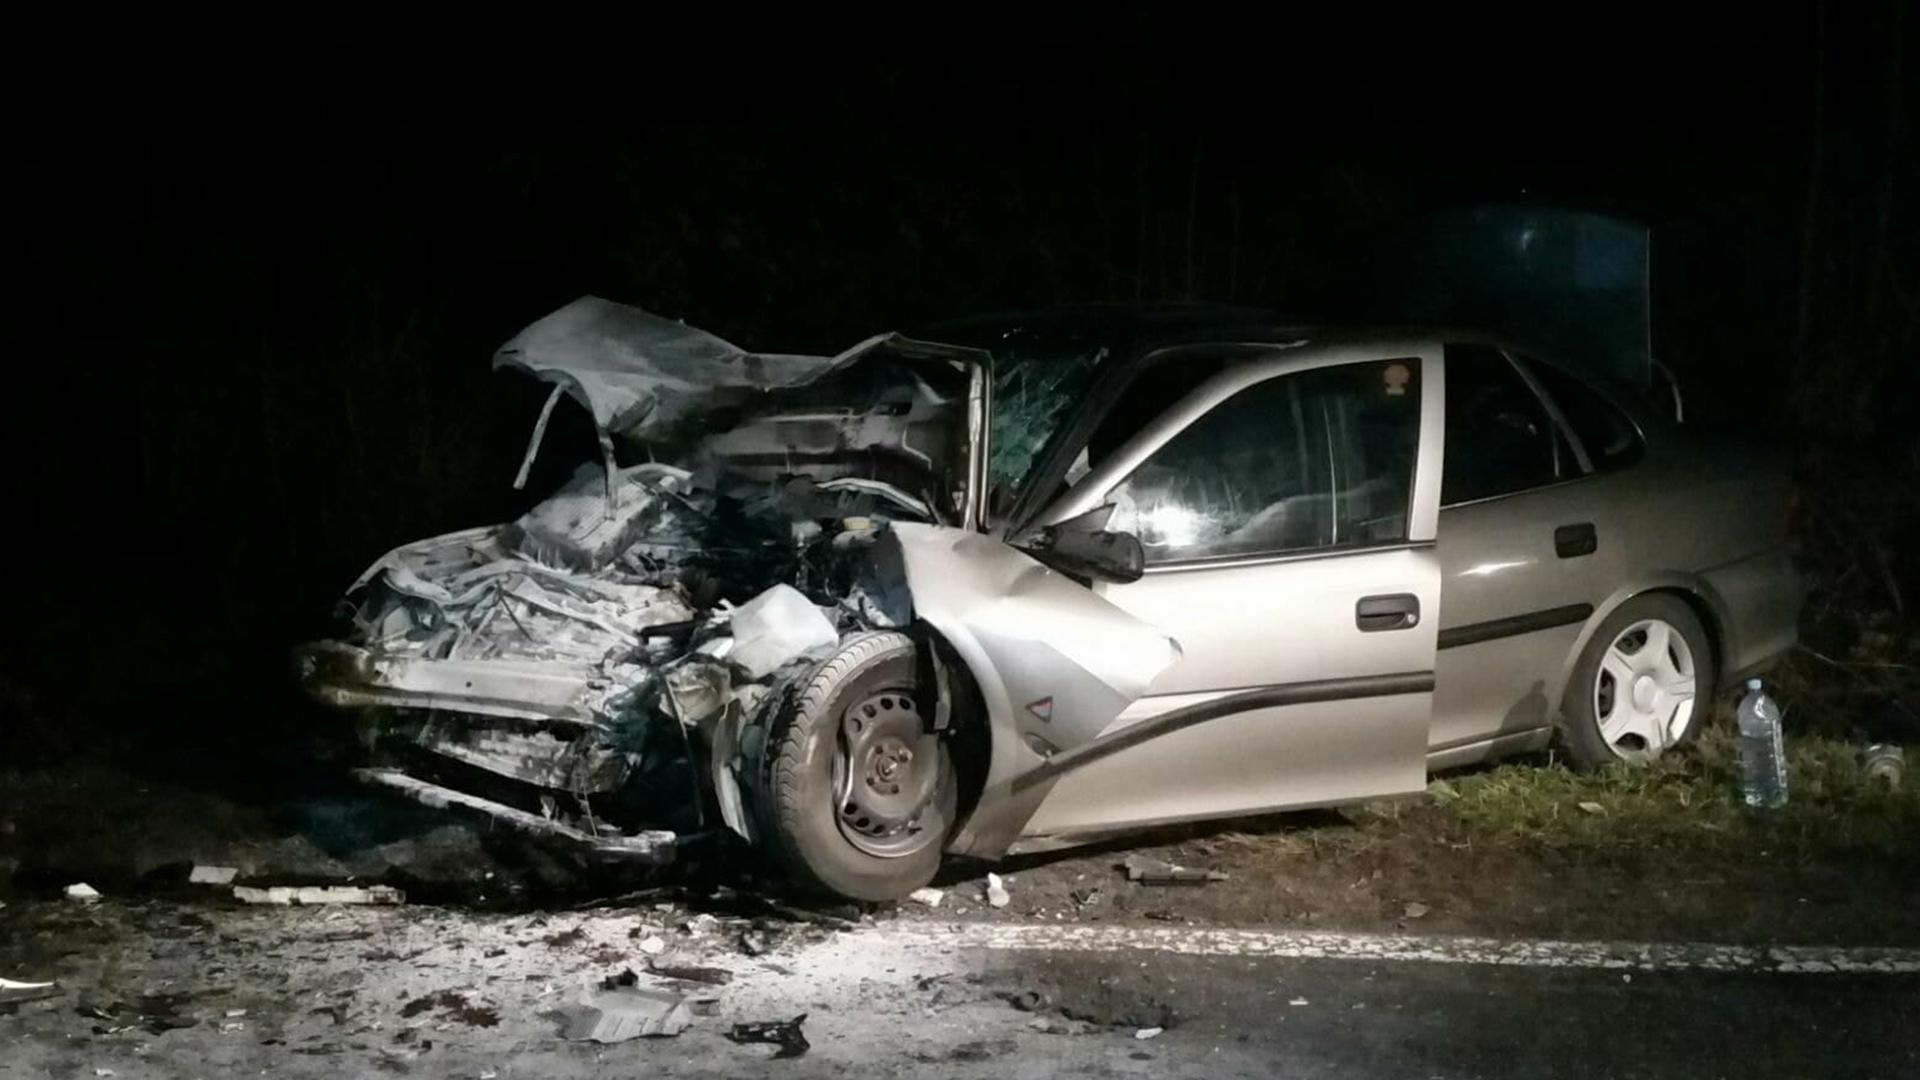 accident 001 (3)